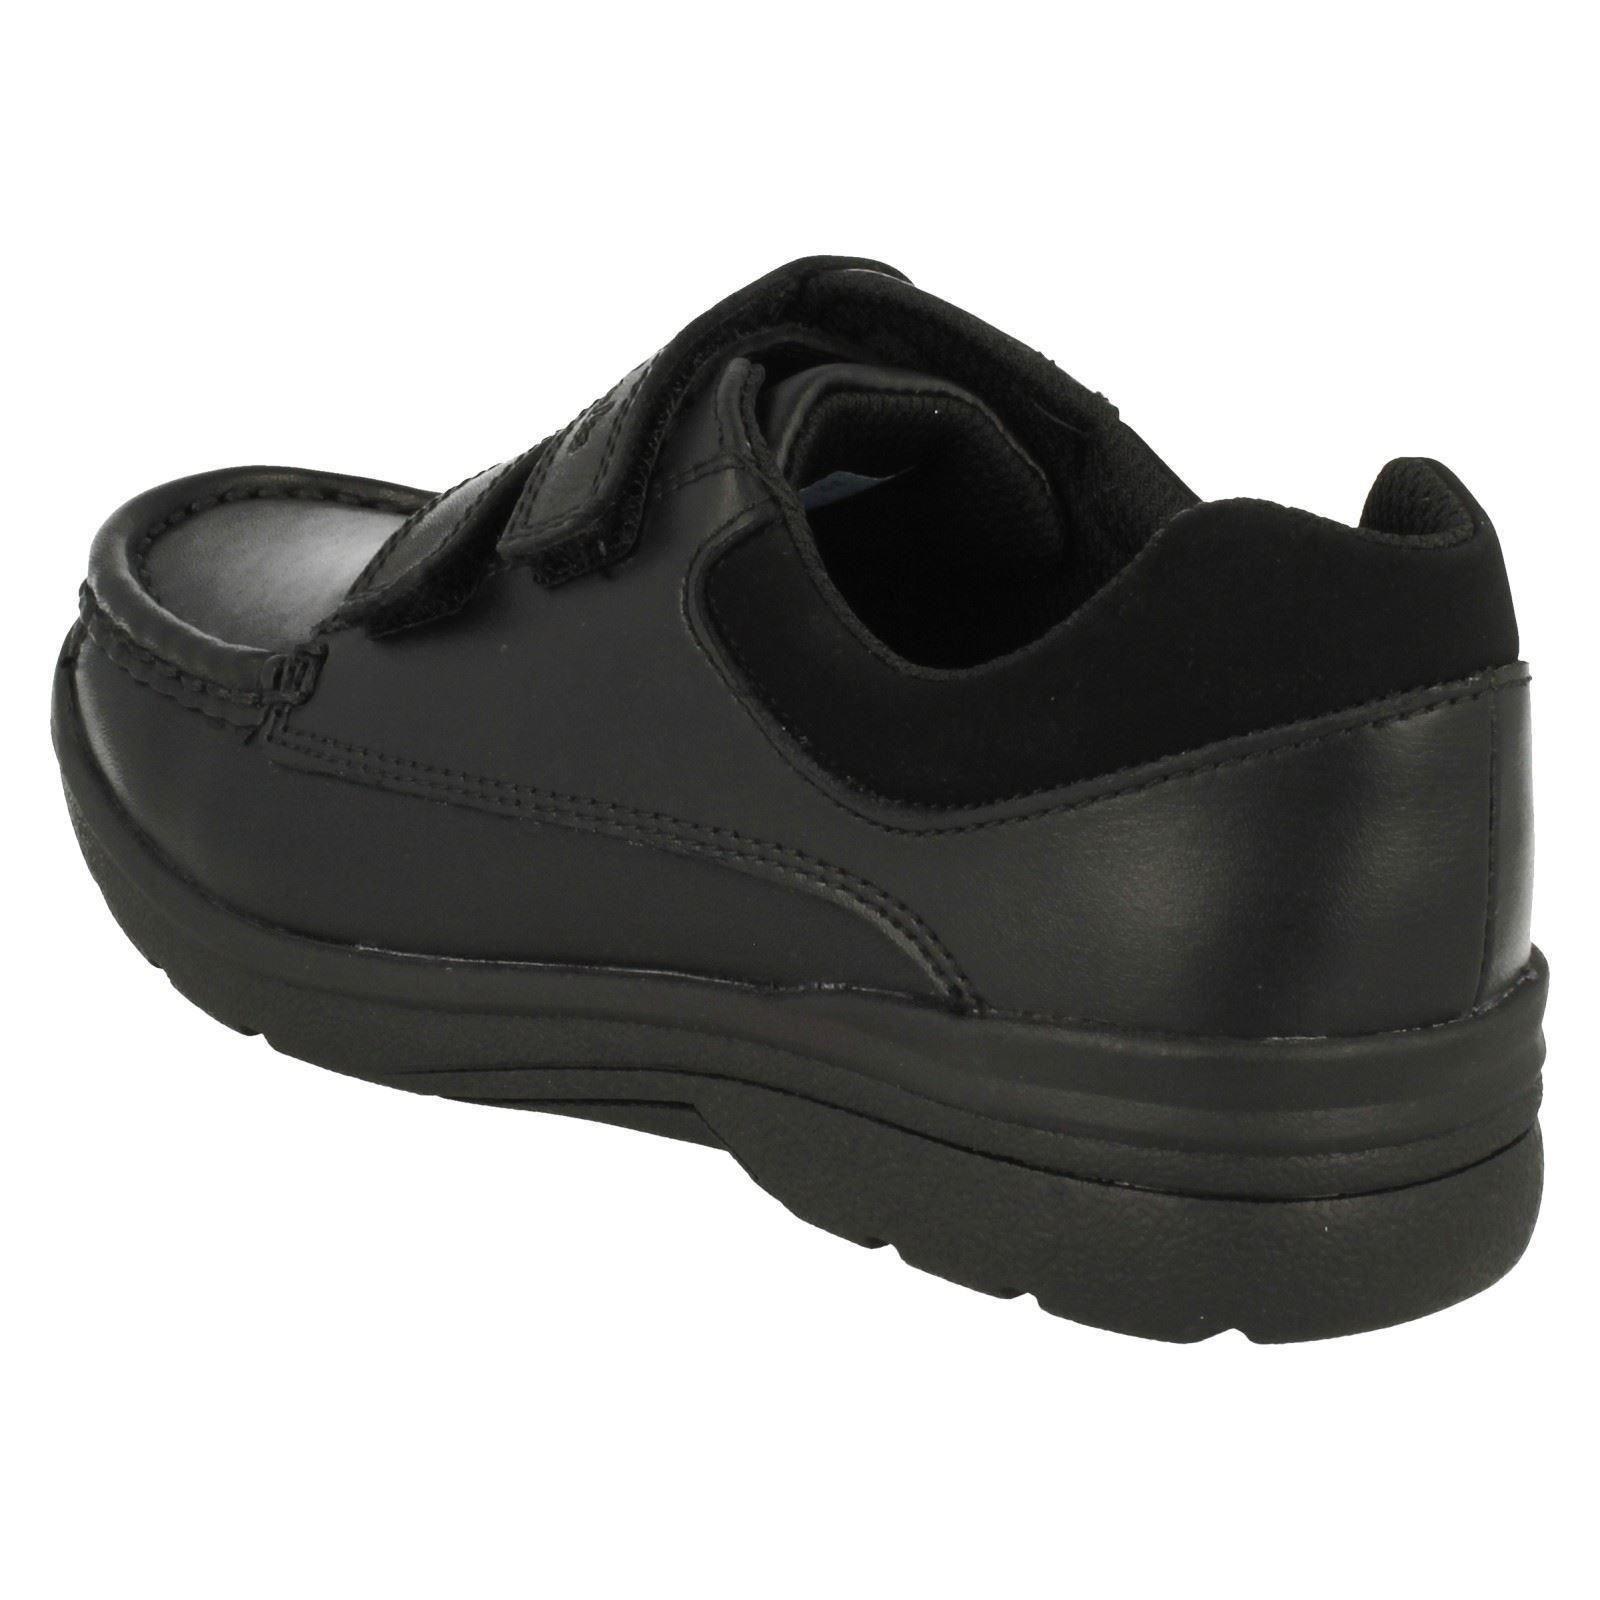 de Clarks Negro Zapatos Play inteligentes de la cuero escuela para niños Obie qHH71wTt